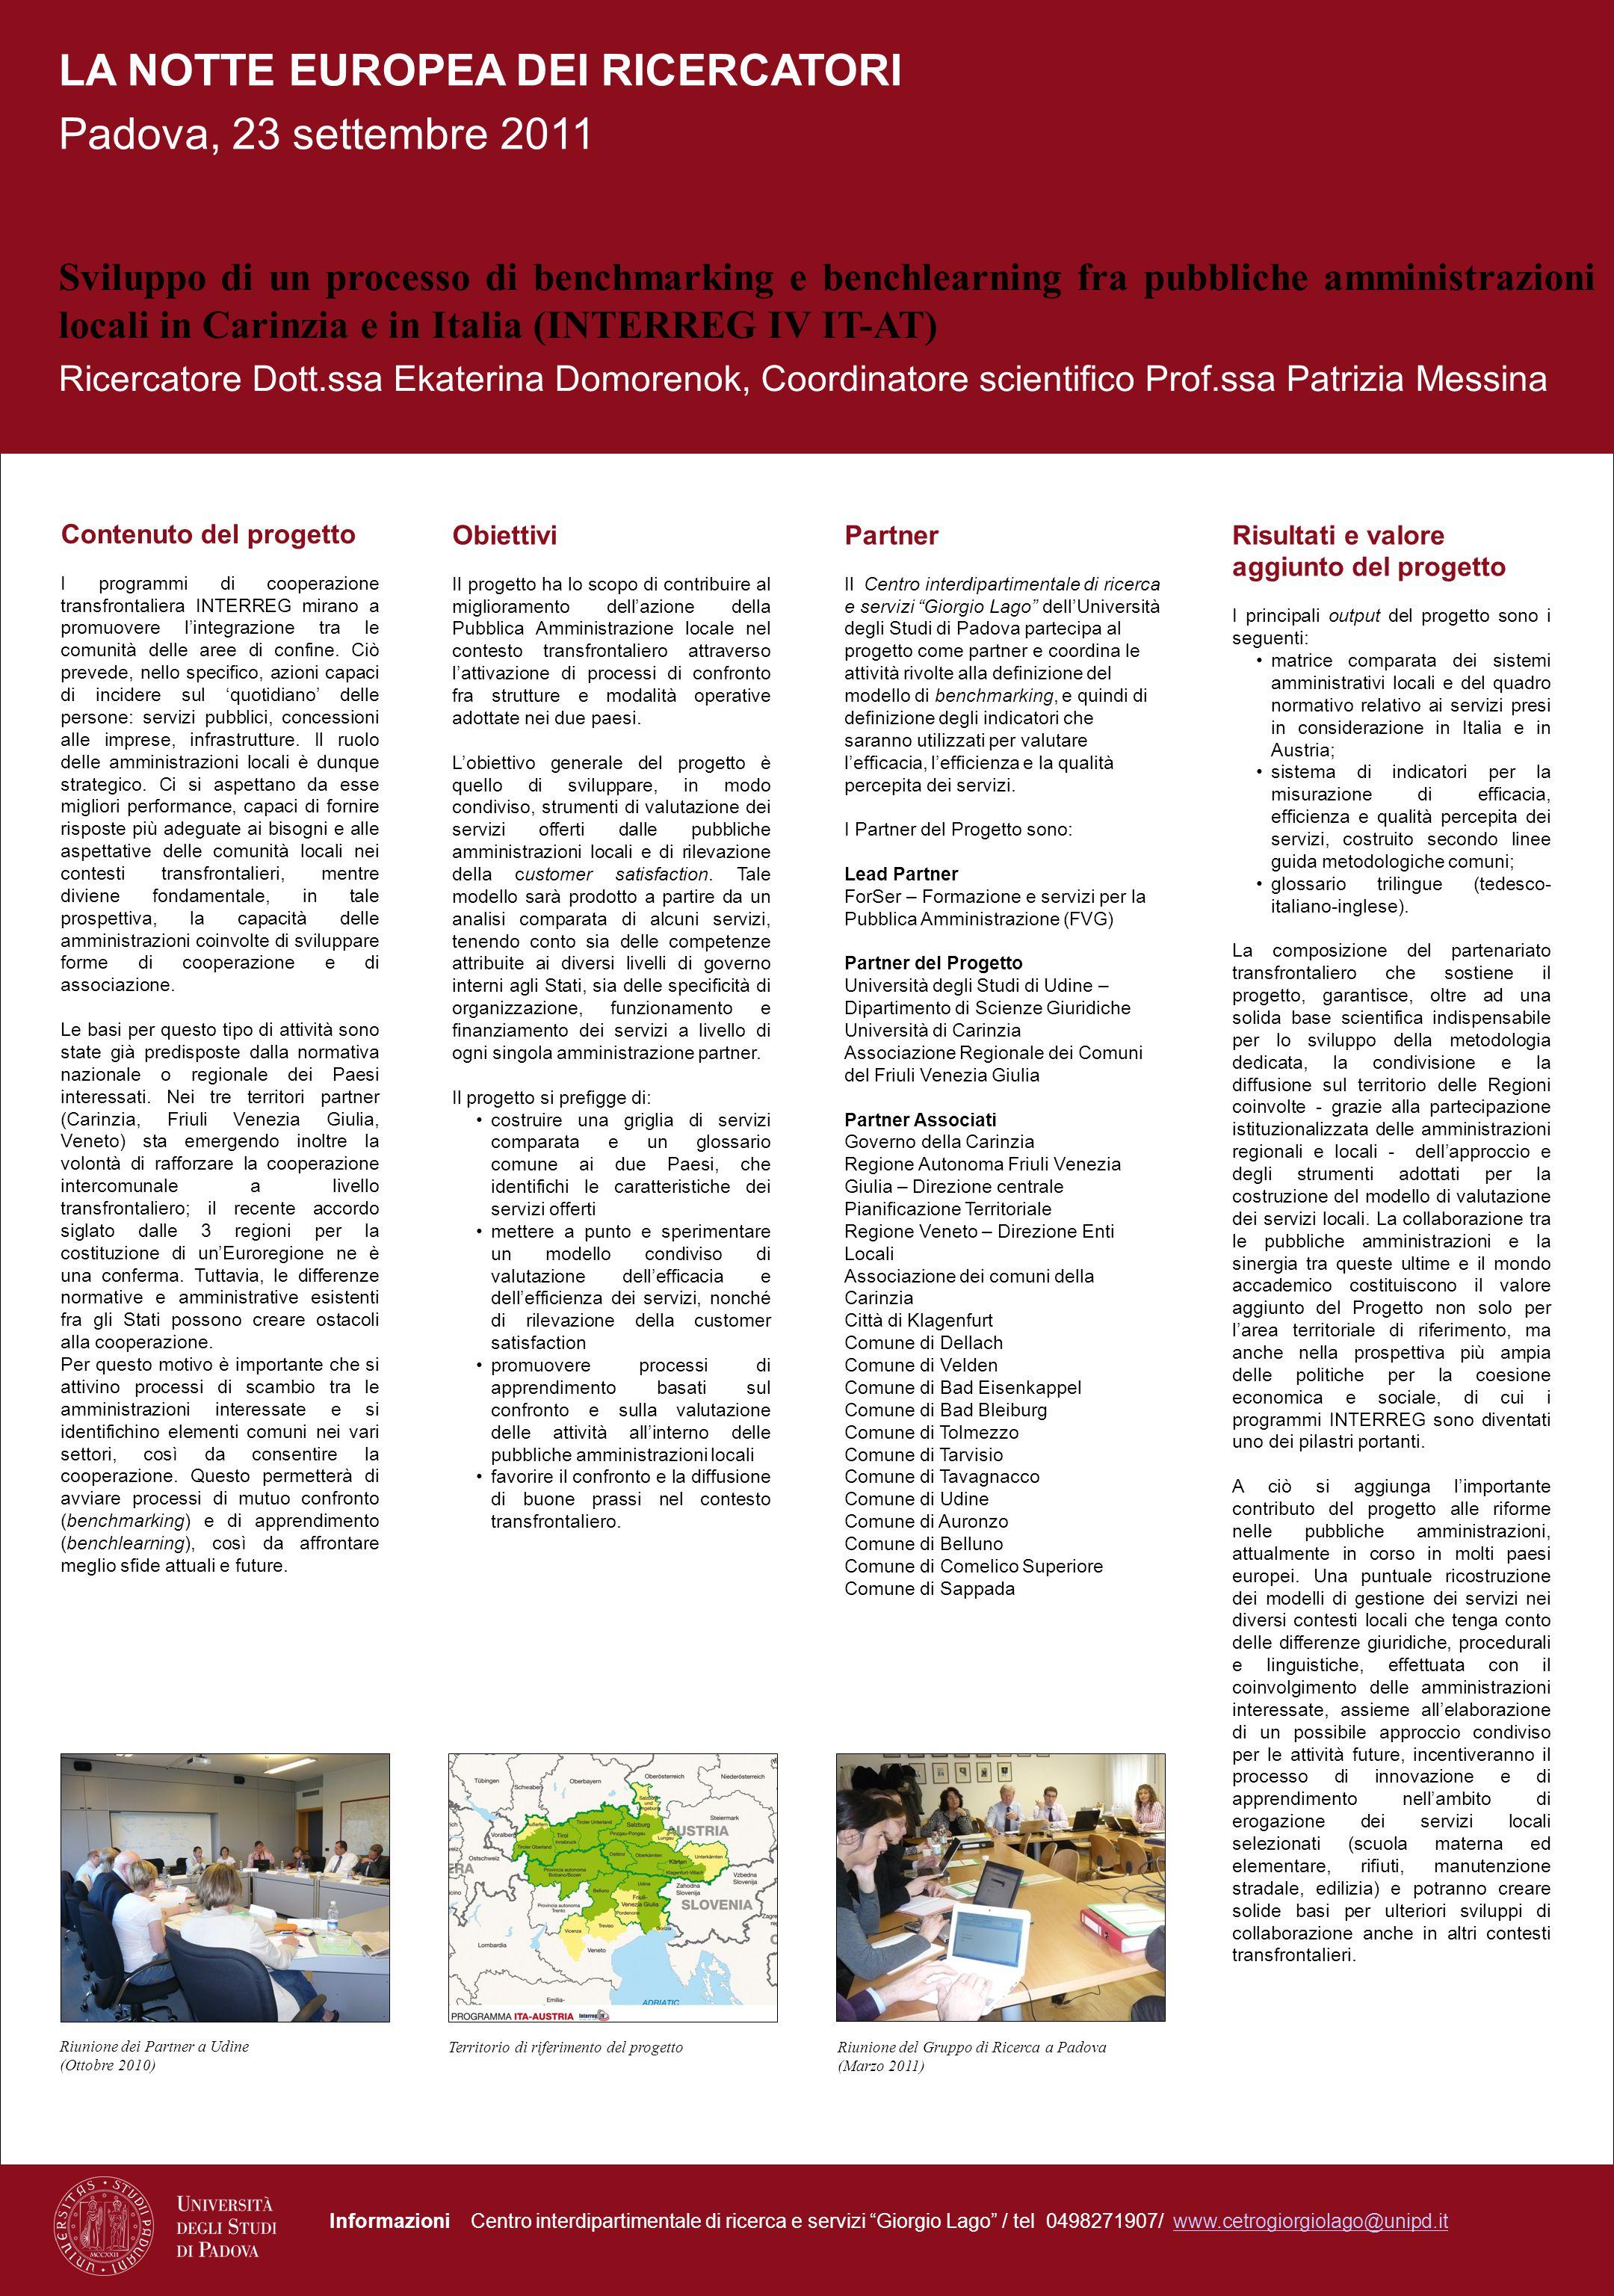 LA NOTTE EUROPEA DEI RICERCATORI Padova, 23 settembre 2011 Contenuto del progetto I programmi di cooperazione transfrontaliera INTERREG mirano a promuovere l'integrazione tra le comunità delle aree di confine.